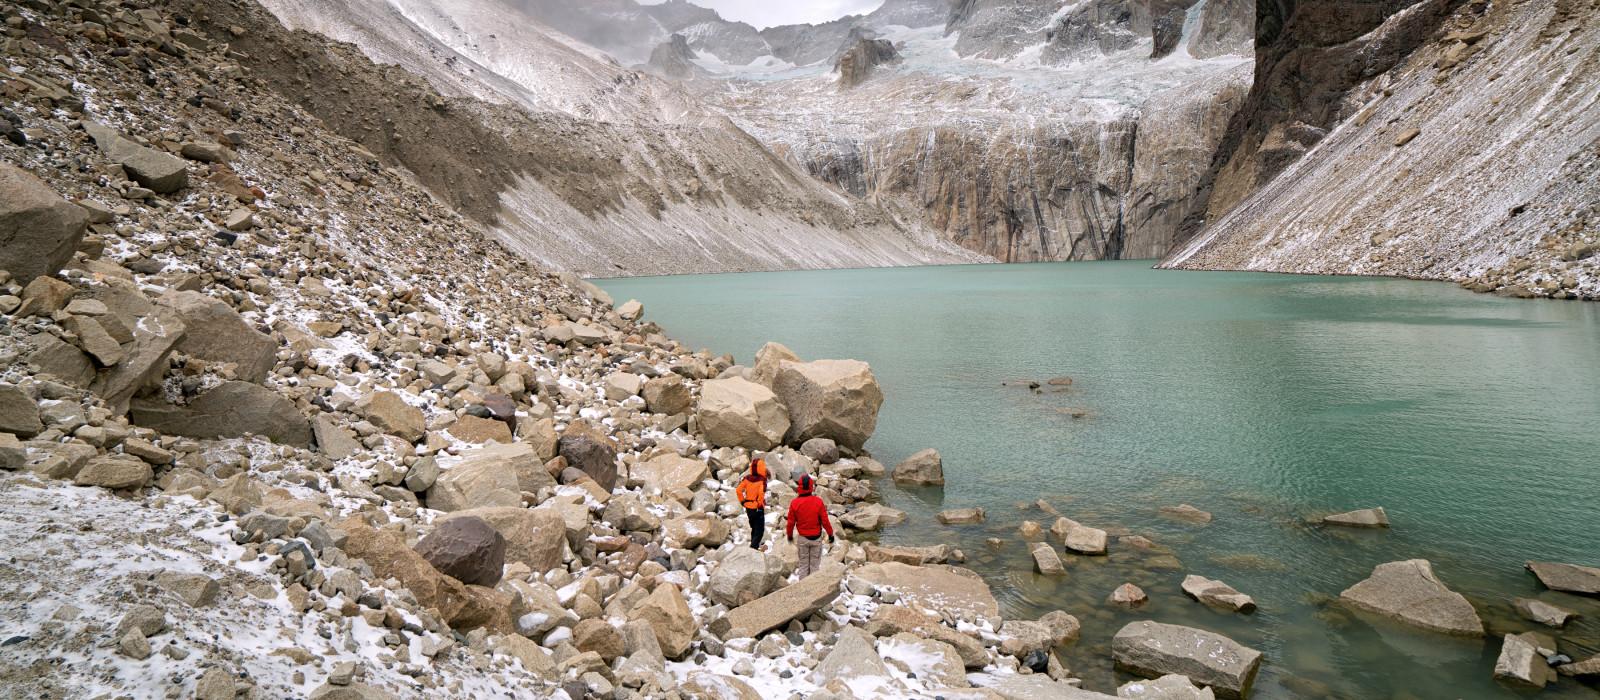 Wanderung zum See des Torres del Paine Nationalparks, Patagonien, Chile, Südamerika